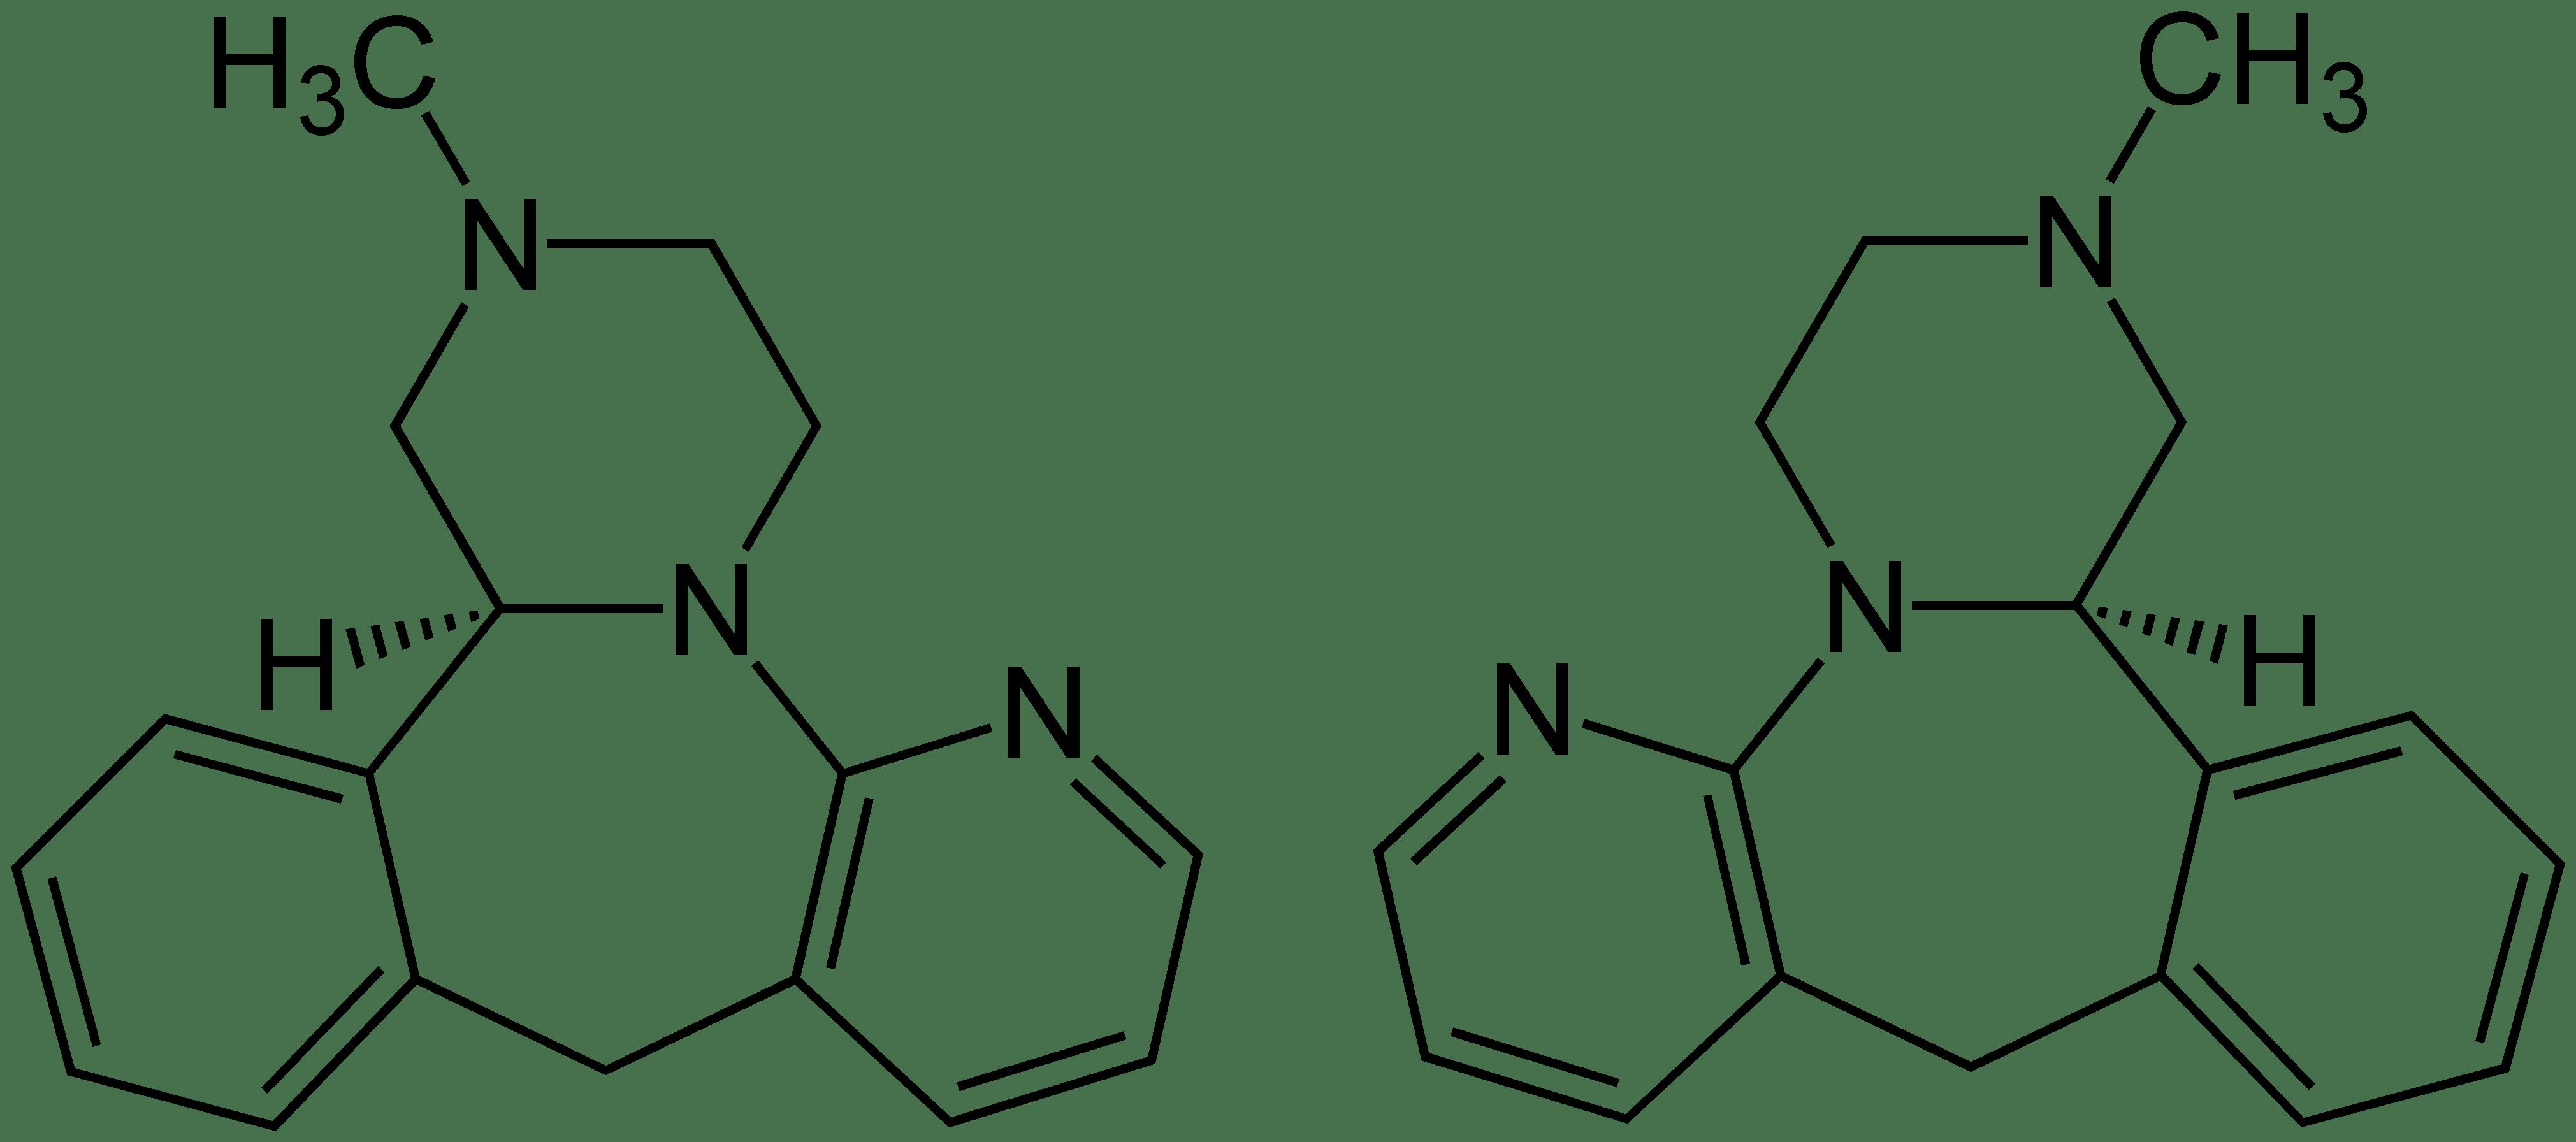 Миртазапин в качестве дополнительного антидепрессанта оказался не полезнее плацебо